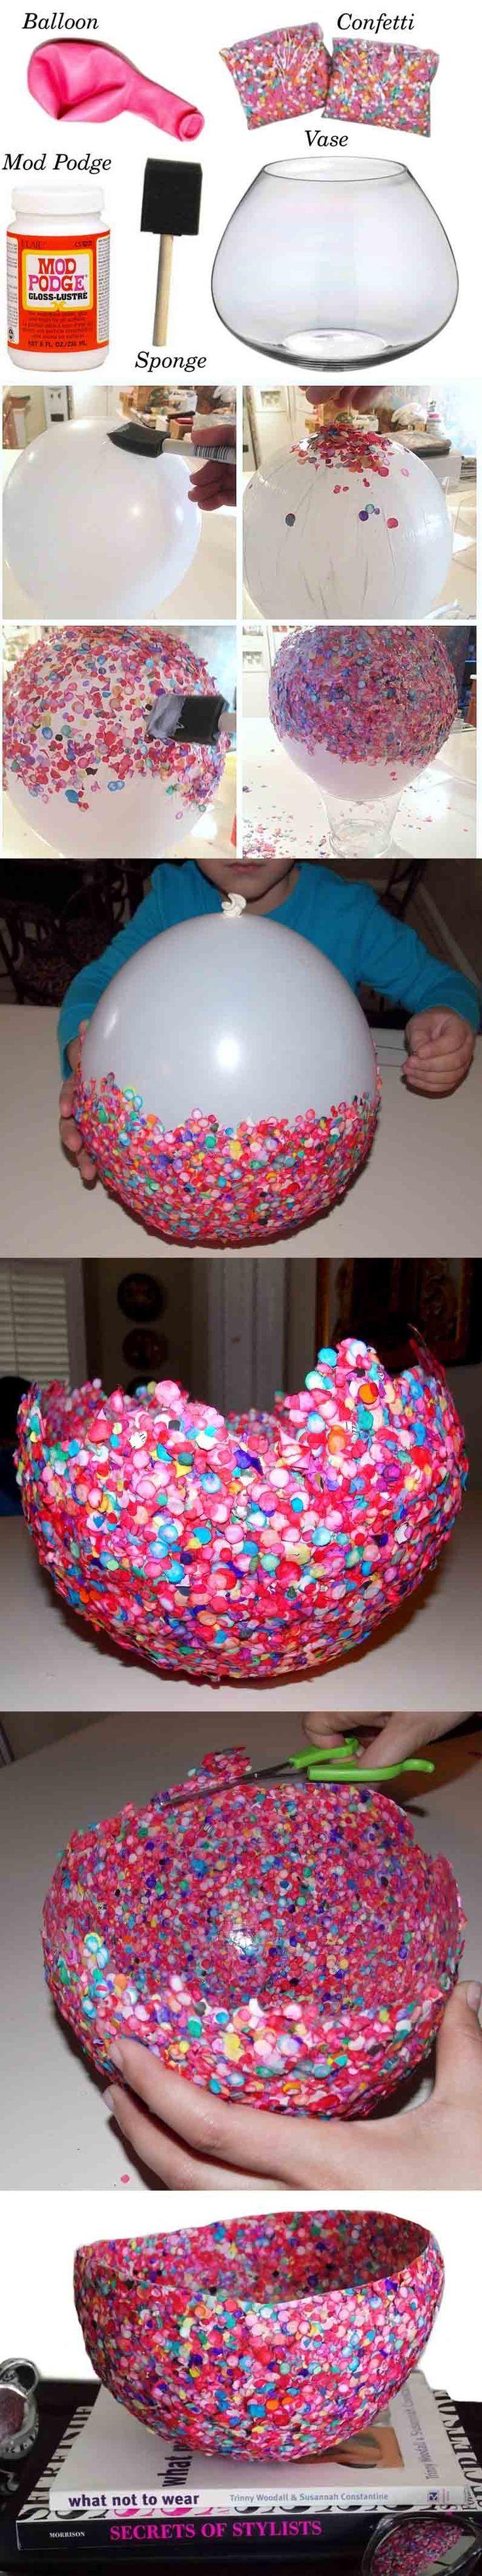 connaissez vous tous ce truc pour la confection d 39 un vase en confettis faire soi m me diy. Black Bedroom Furniture Sets. Home Design Ideas